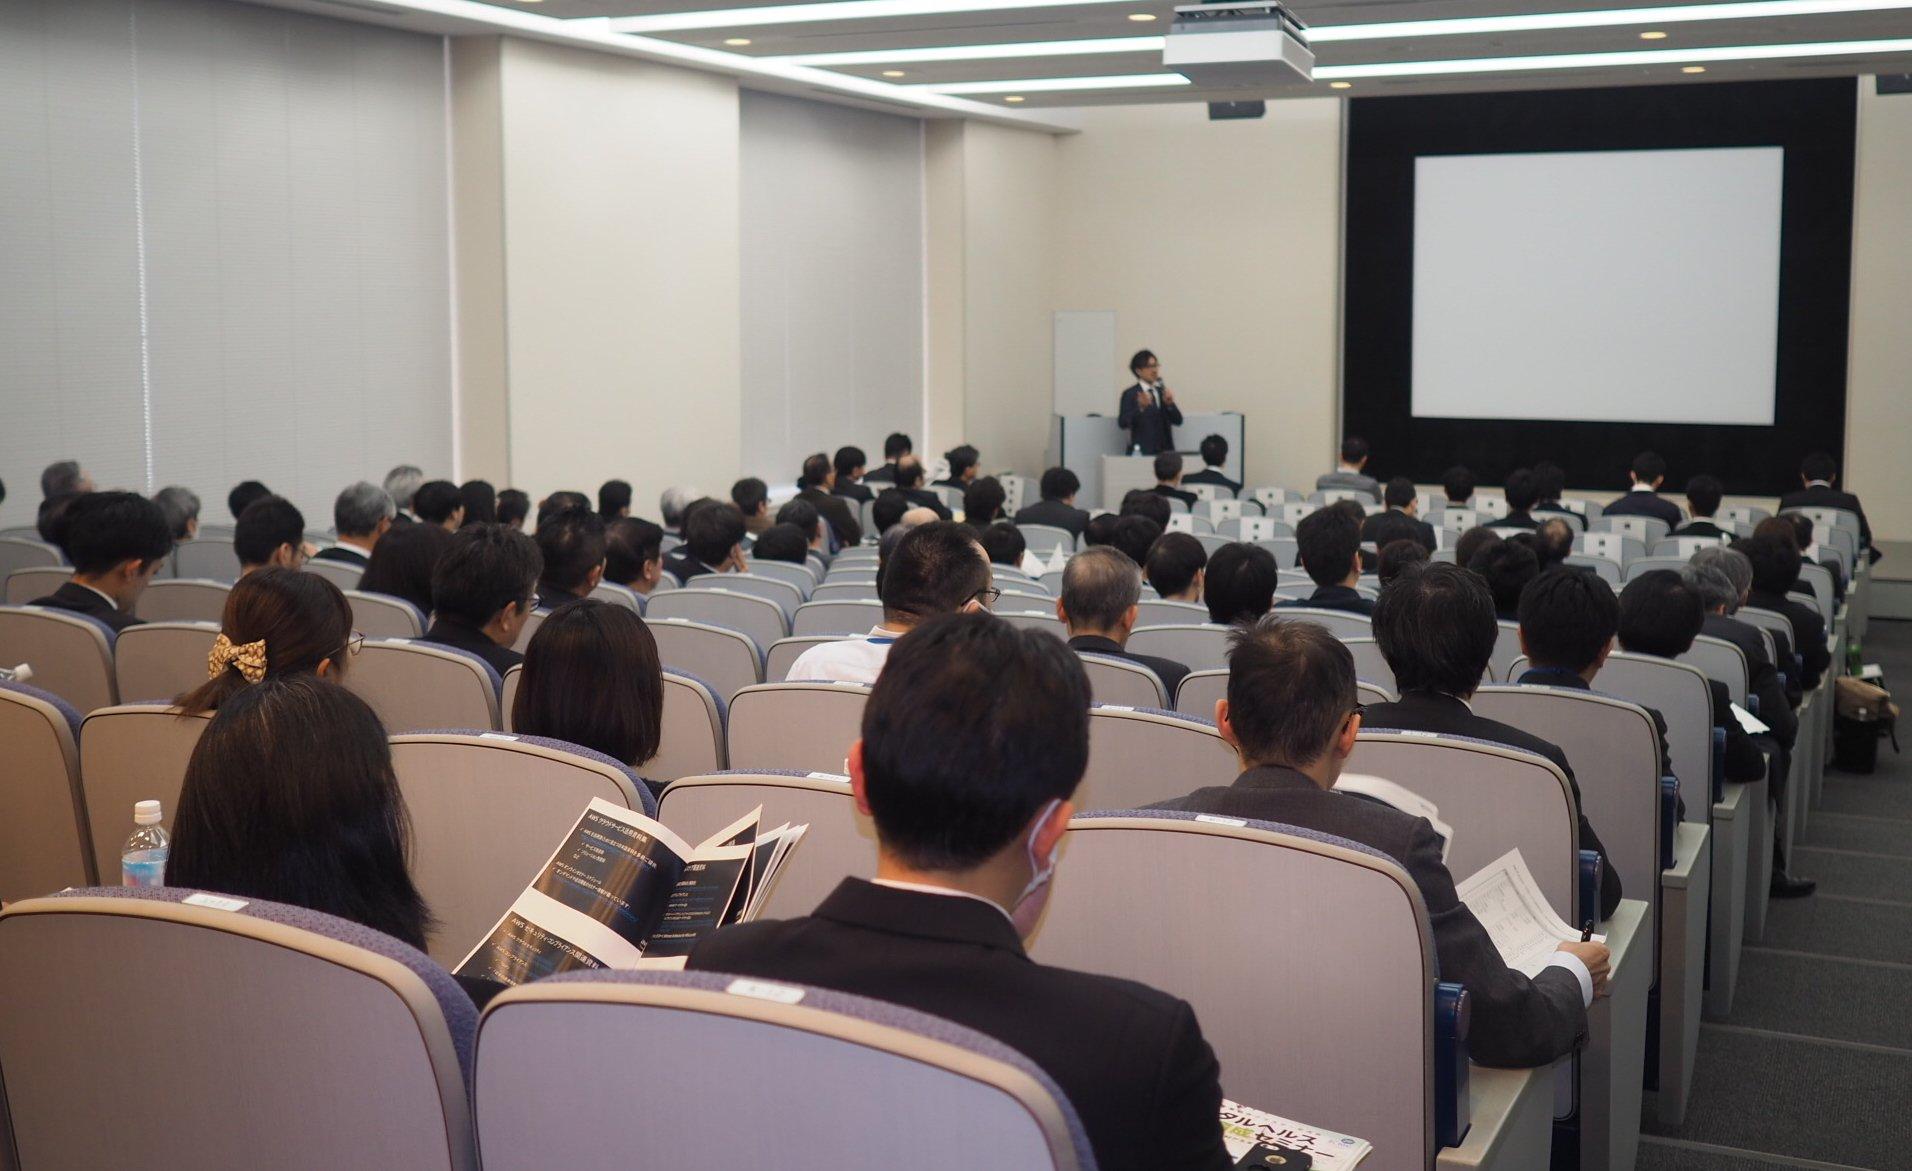 ハカルスCEOの藤原が神戸医療産業都市主催のイベントで登壇しました